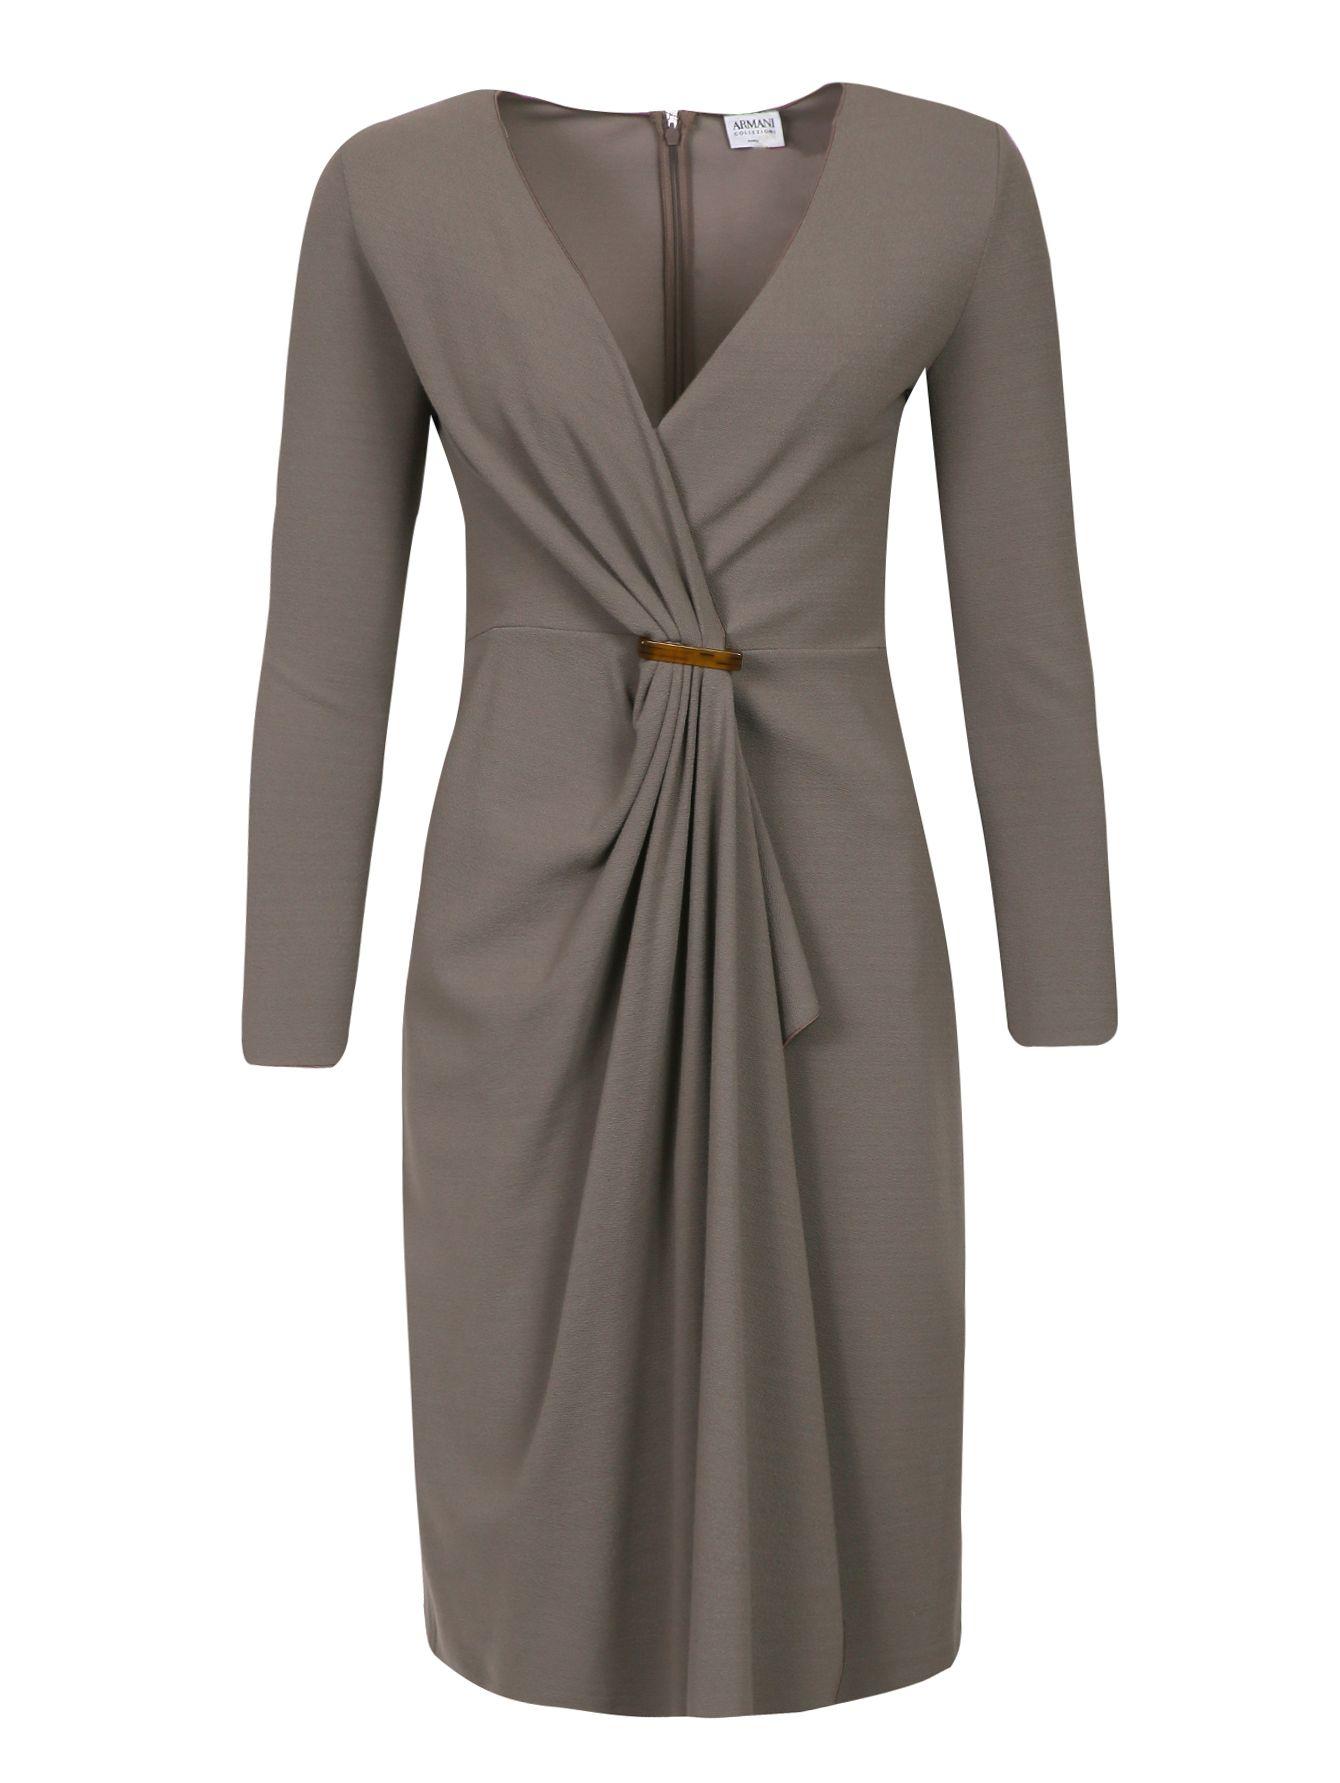 Купить со скидкой Armani Collezioni серое платье с драппировкой и глубоким декольте (71336) – распродажа в Боско Аутлет